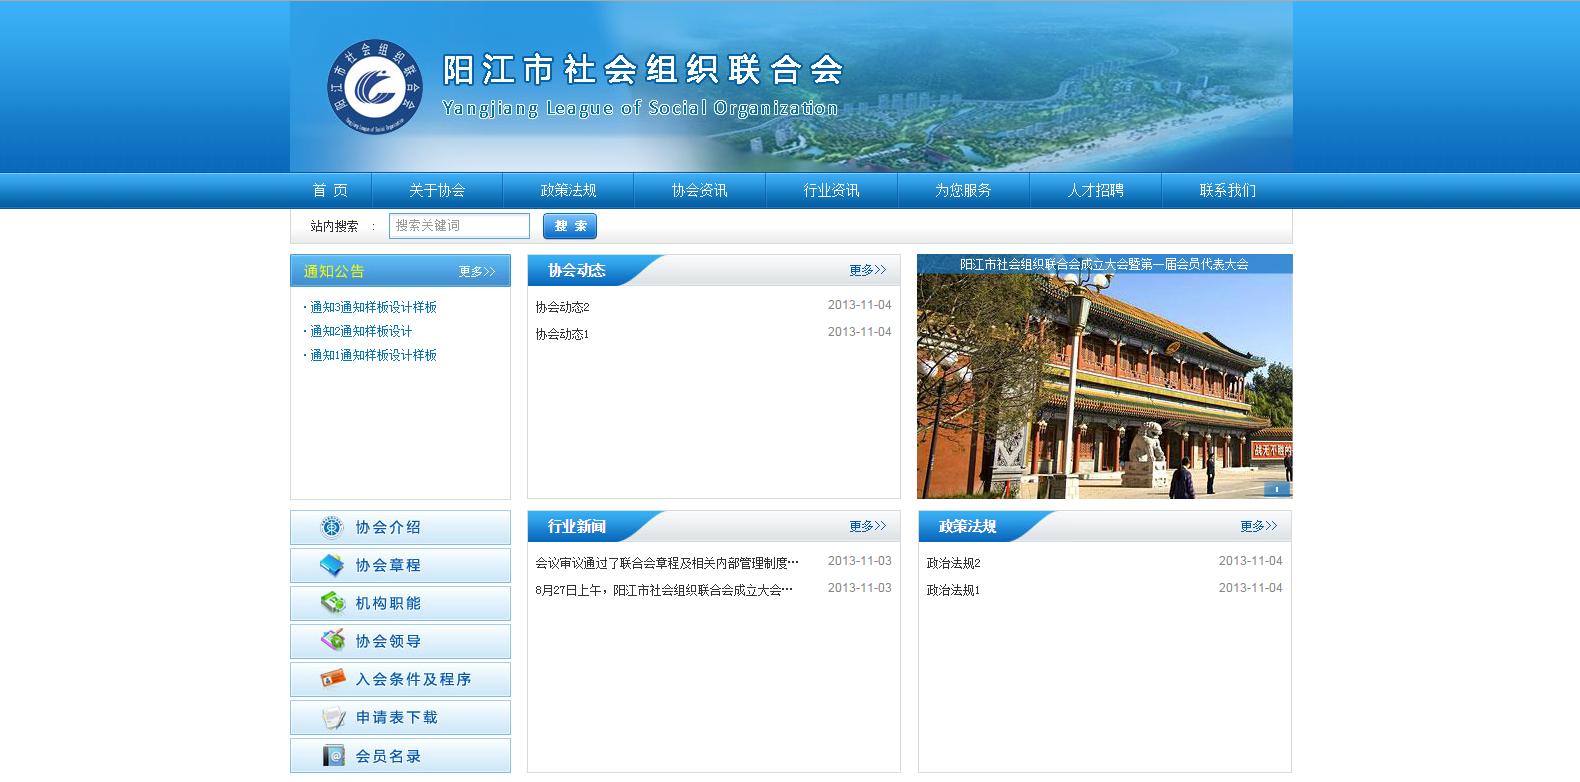 阳江市社会组织联合会